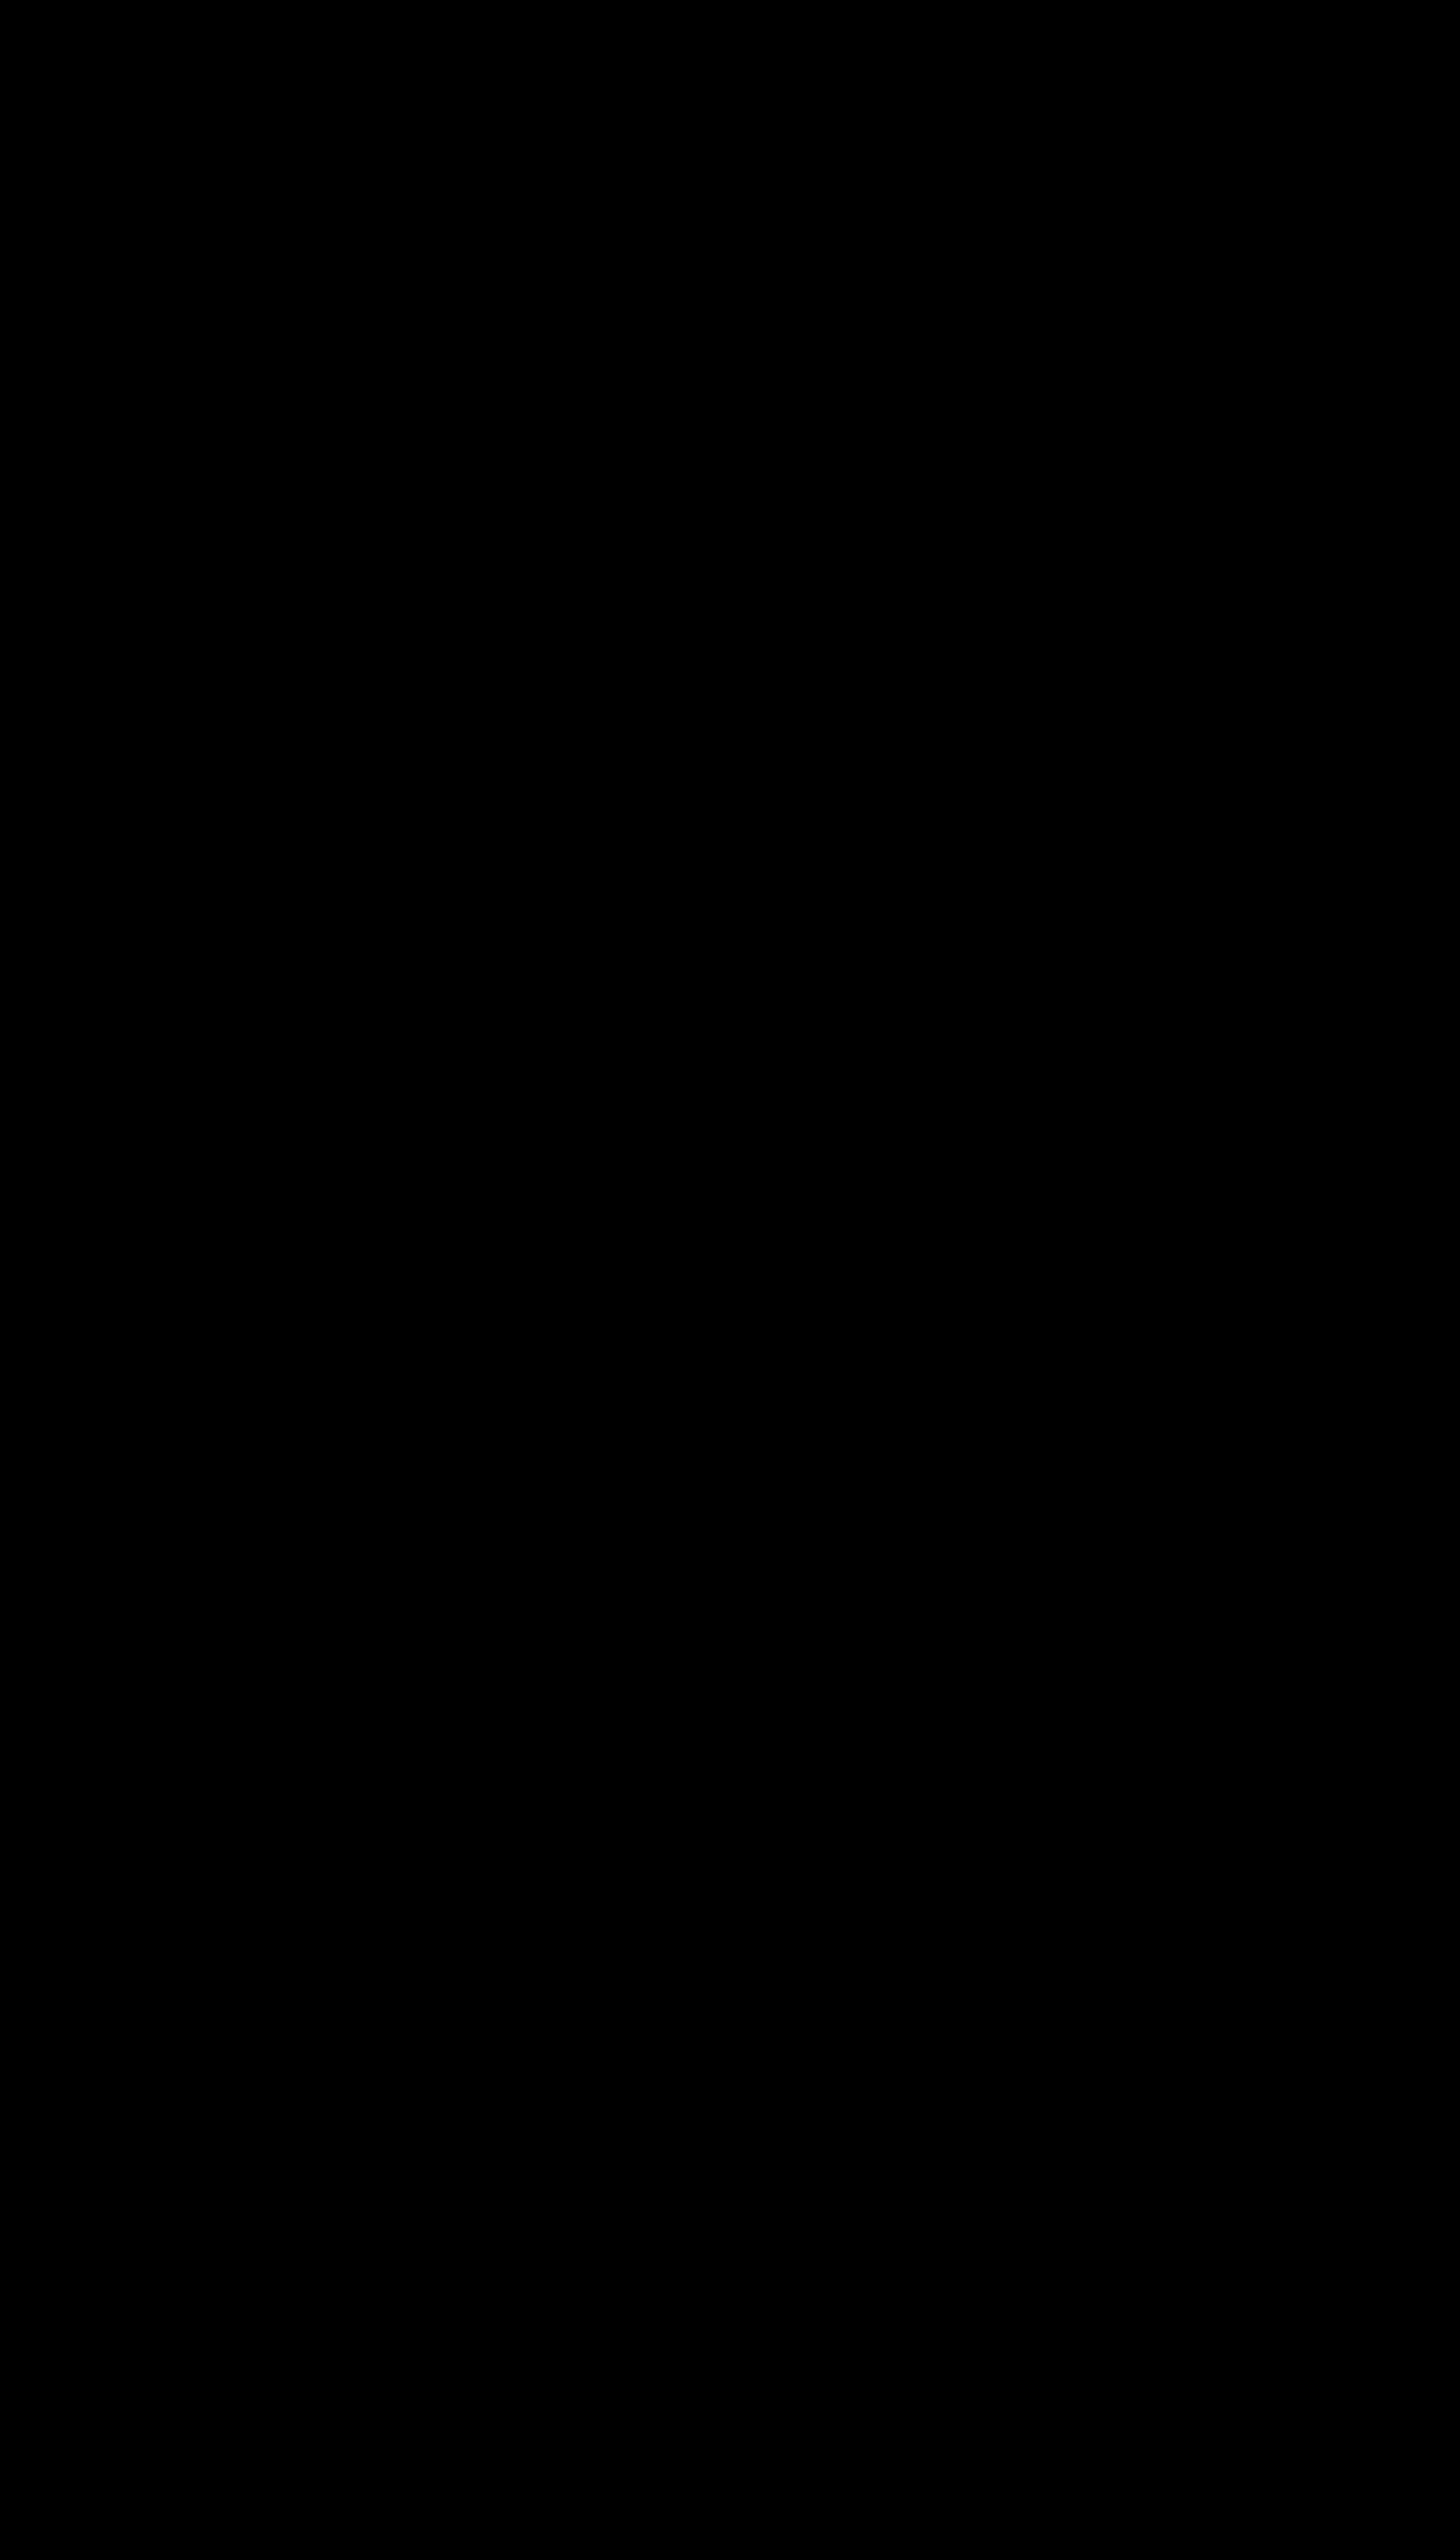 Multiplication Worksheets 3 Digit By 3 Digit 3 Levels